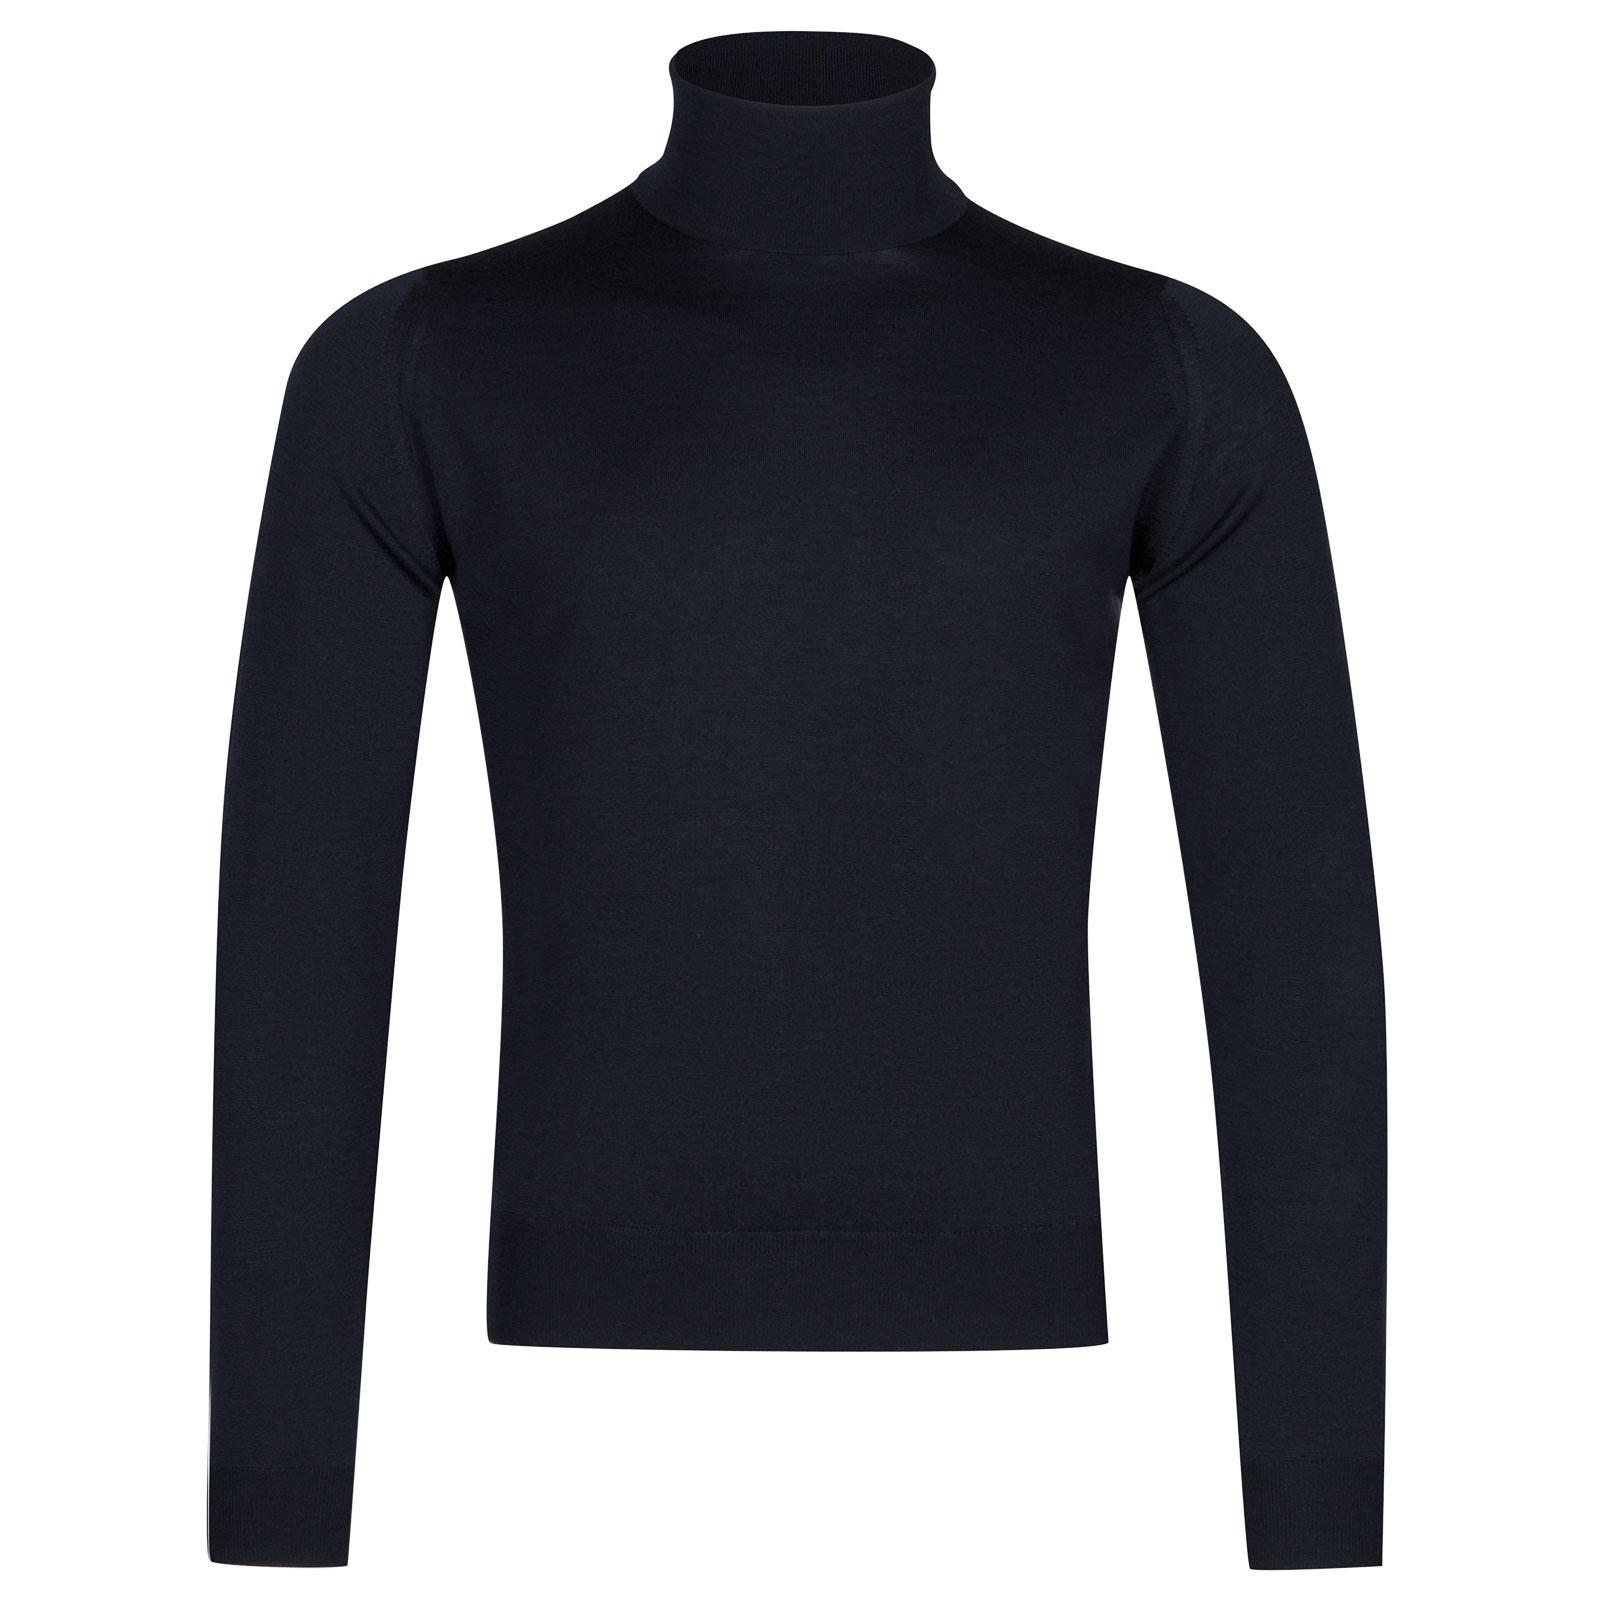 John Smedley Orta Merino Wool Pullover in Midnight-M